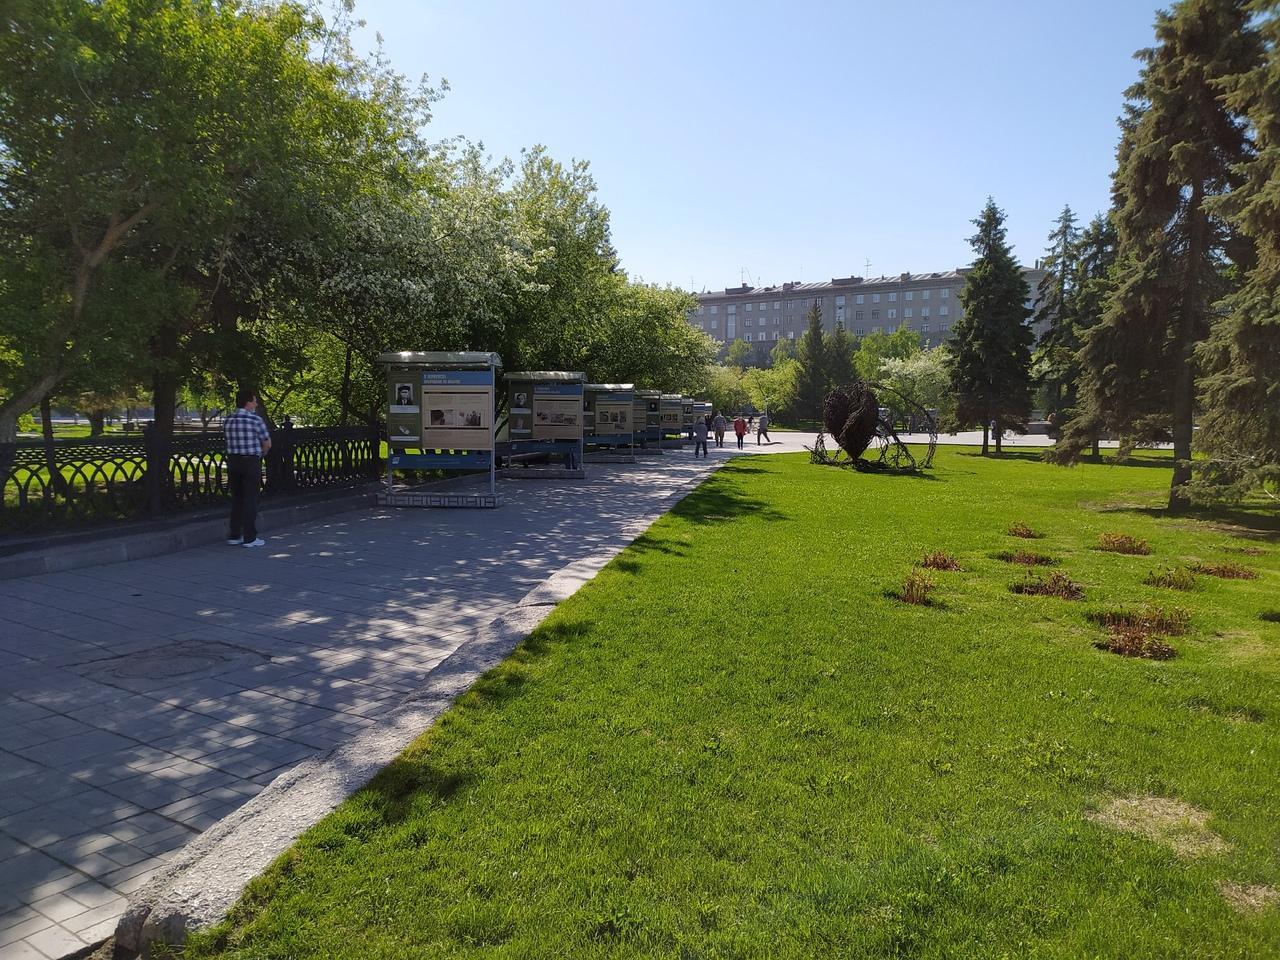 Фото В Новосибирске открыли парки и скверы для прогулок 2